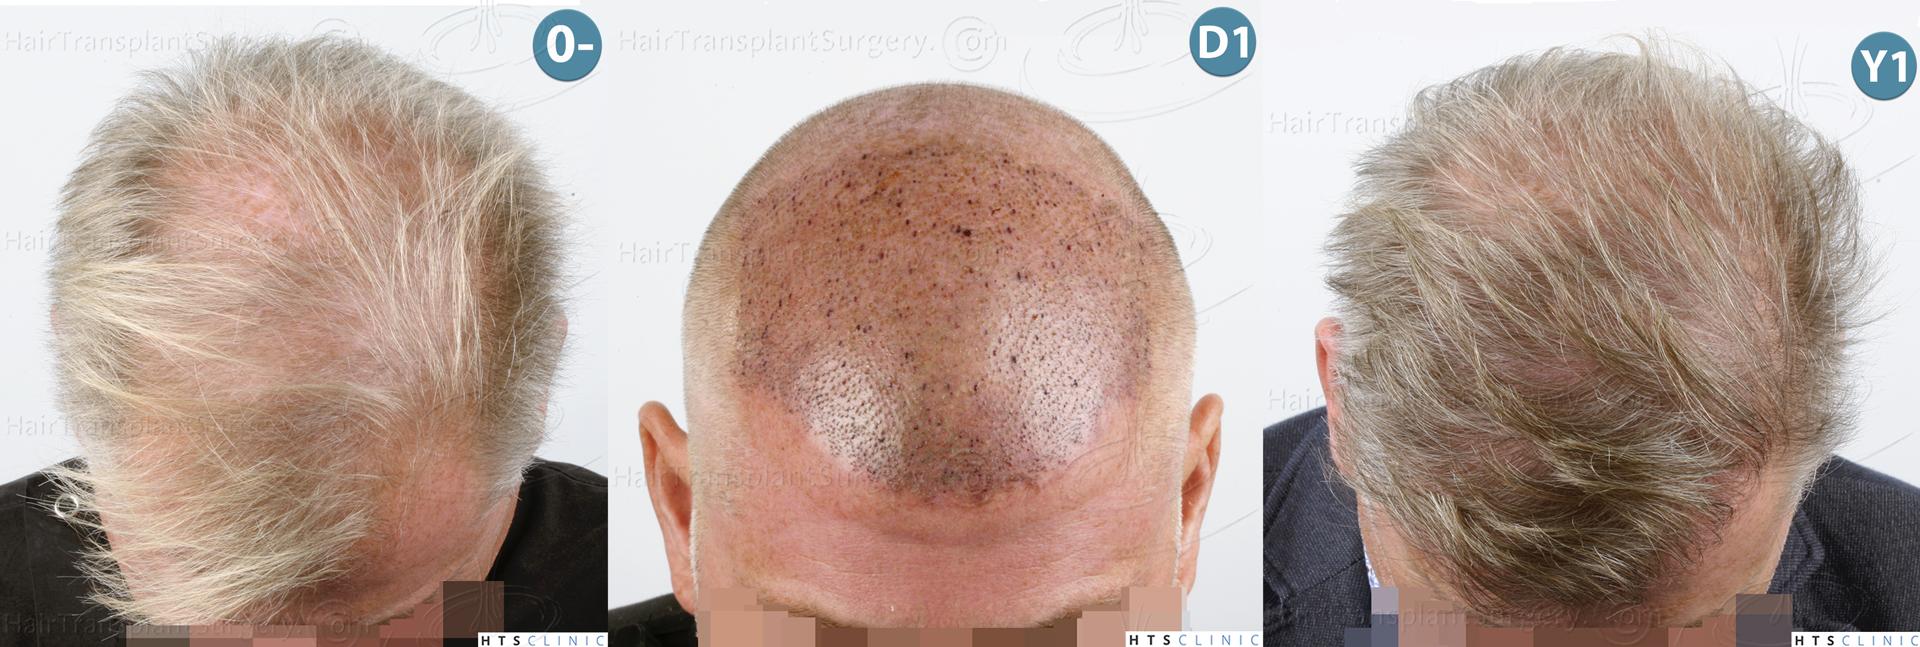 Dr.Devroye-HTS-Clinic-3428-FUT-Montage-2.jpg